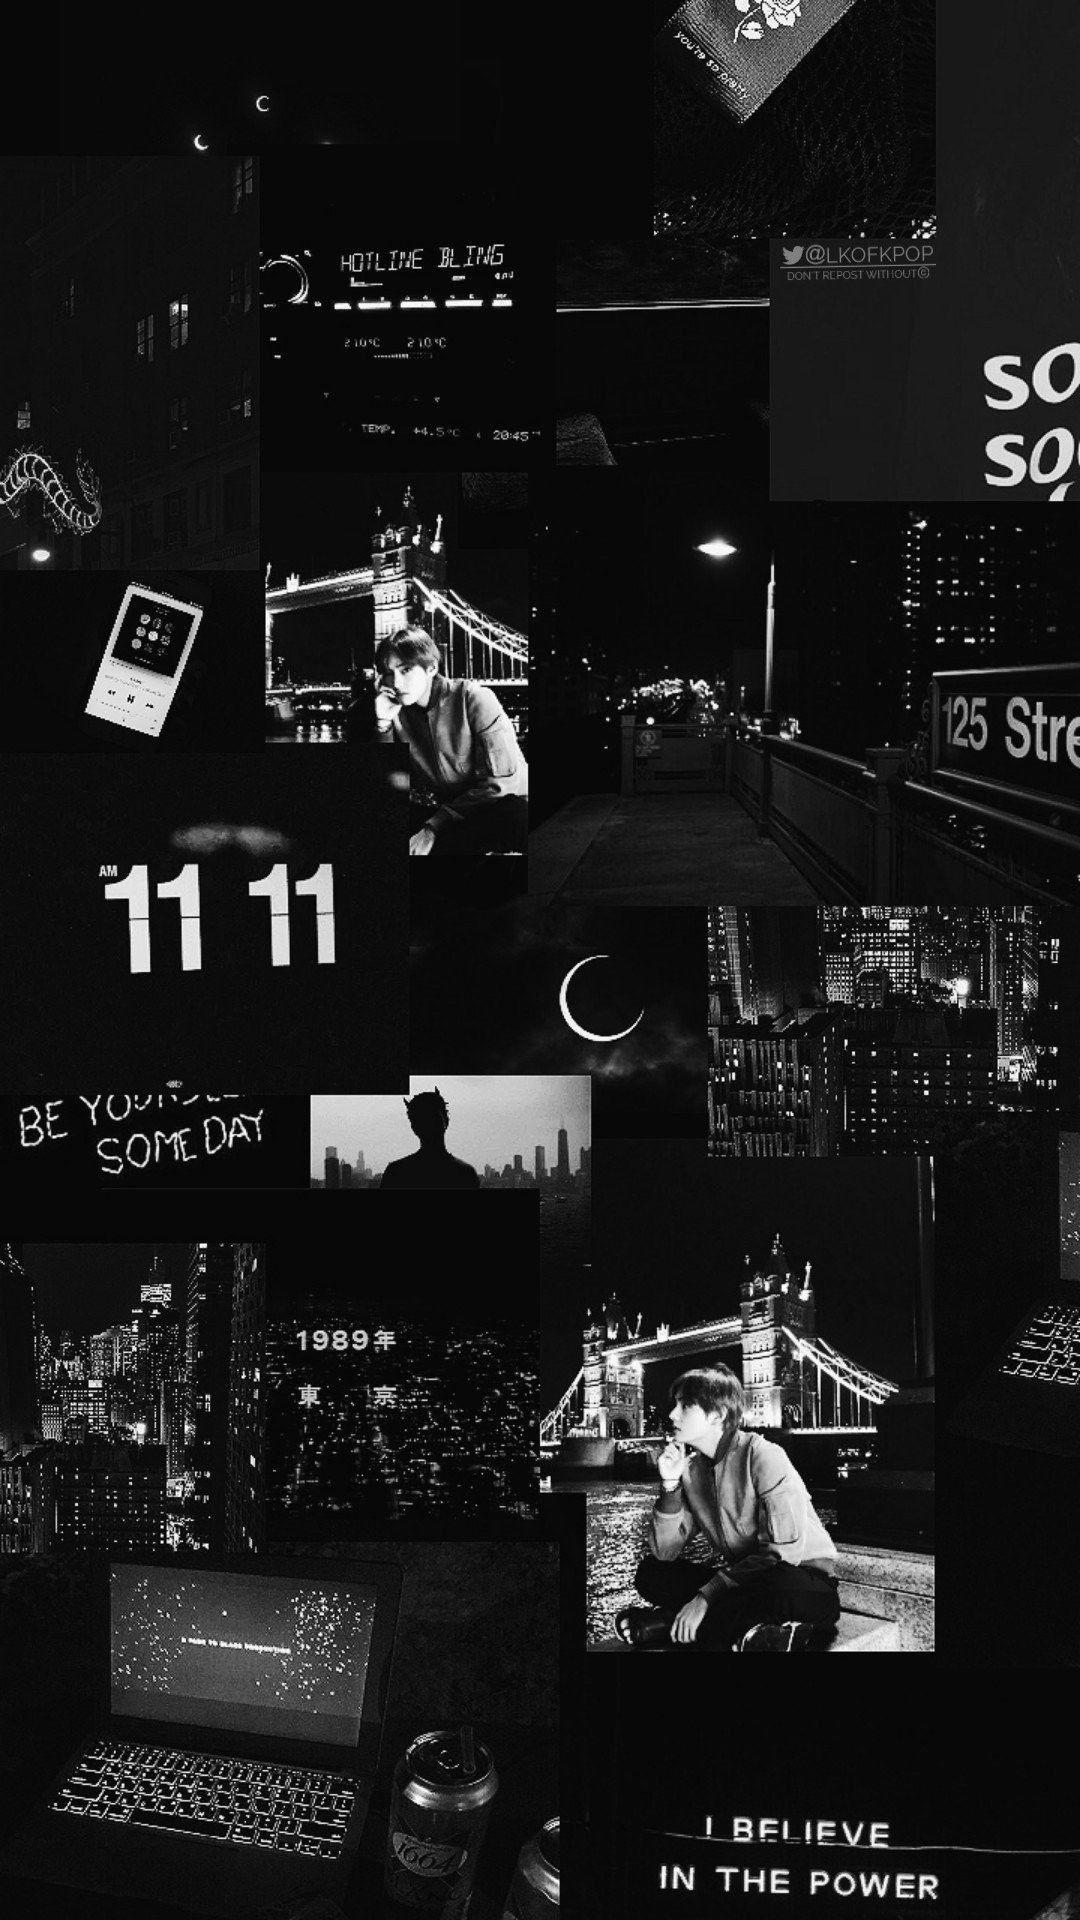 Trio Of Blogging Creatives In 2020 Black Aesthetic Wallpaper Dark Wallpaper Iphone Aesthetic Iphone Wallpaper